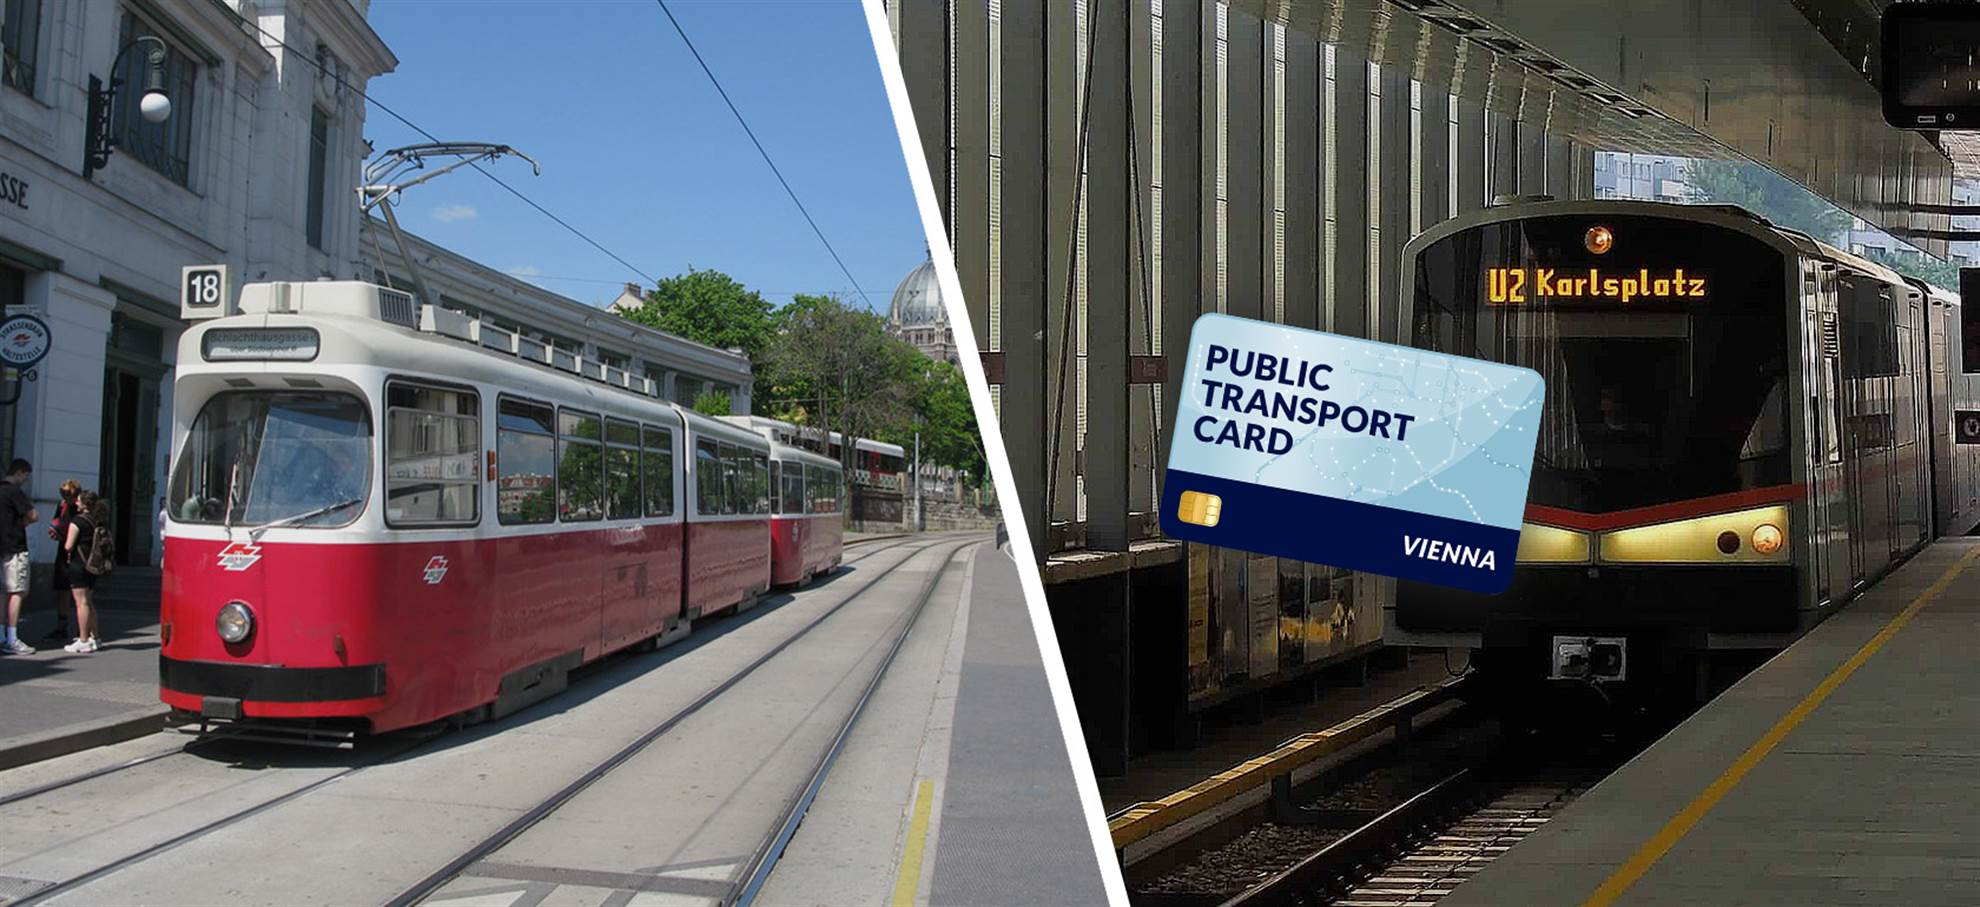 Vienne Travel Card